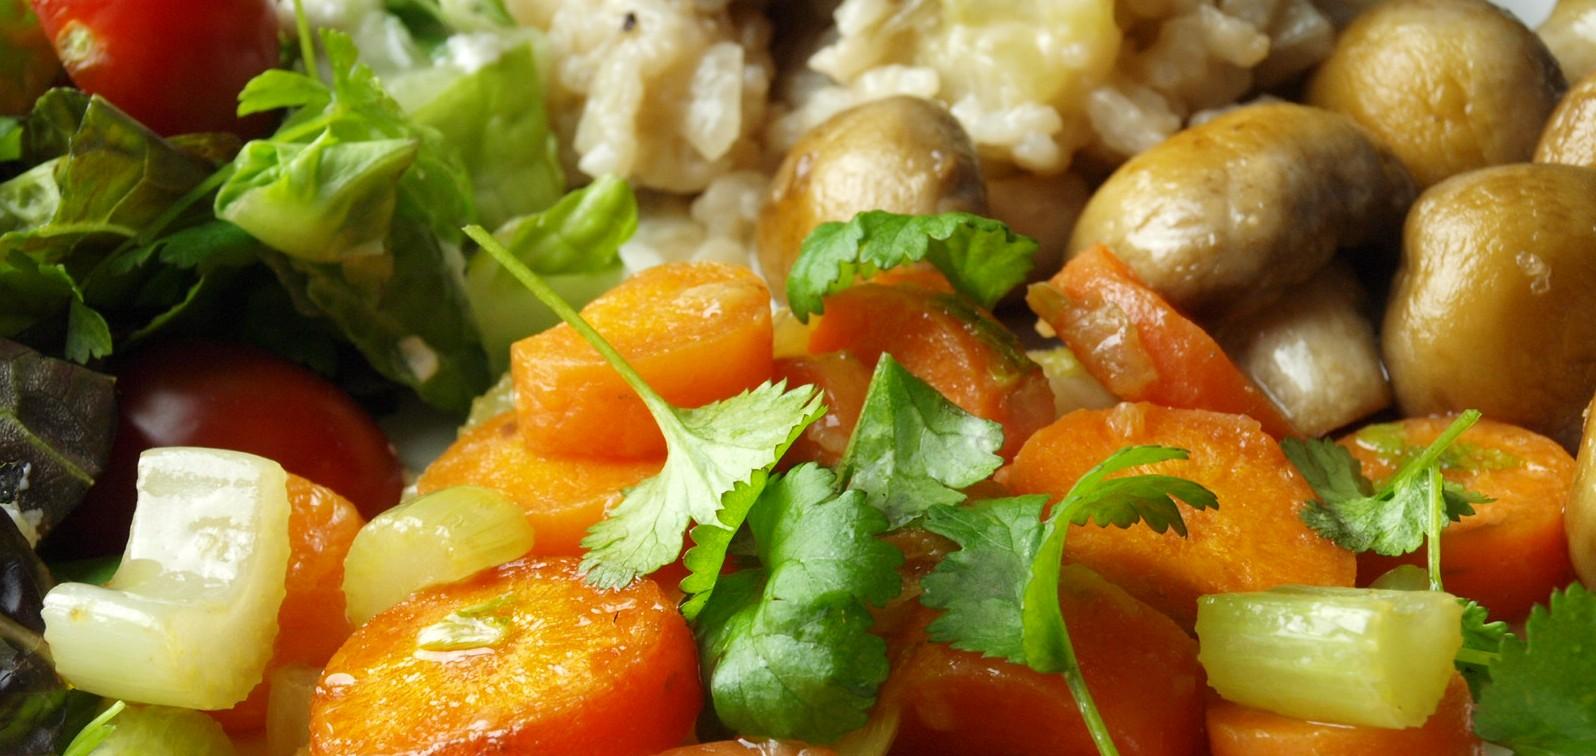 Karotten Sellerie Zitrone